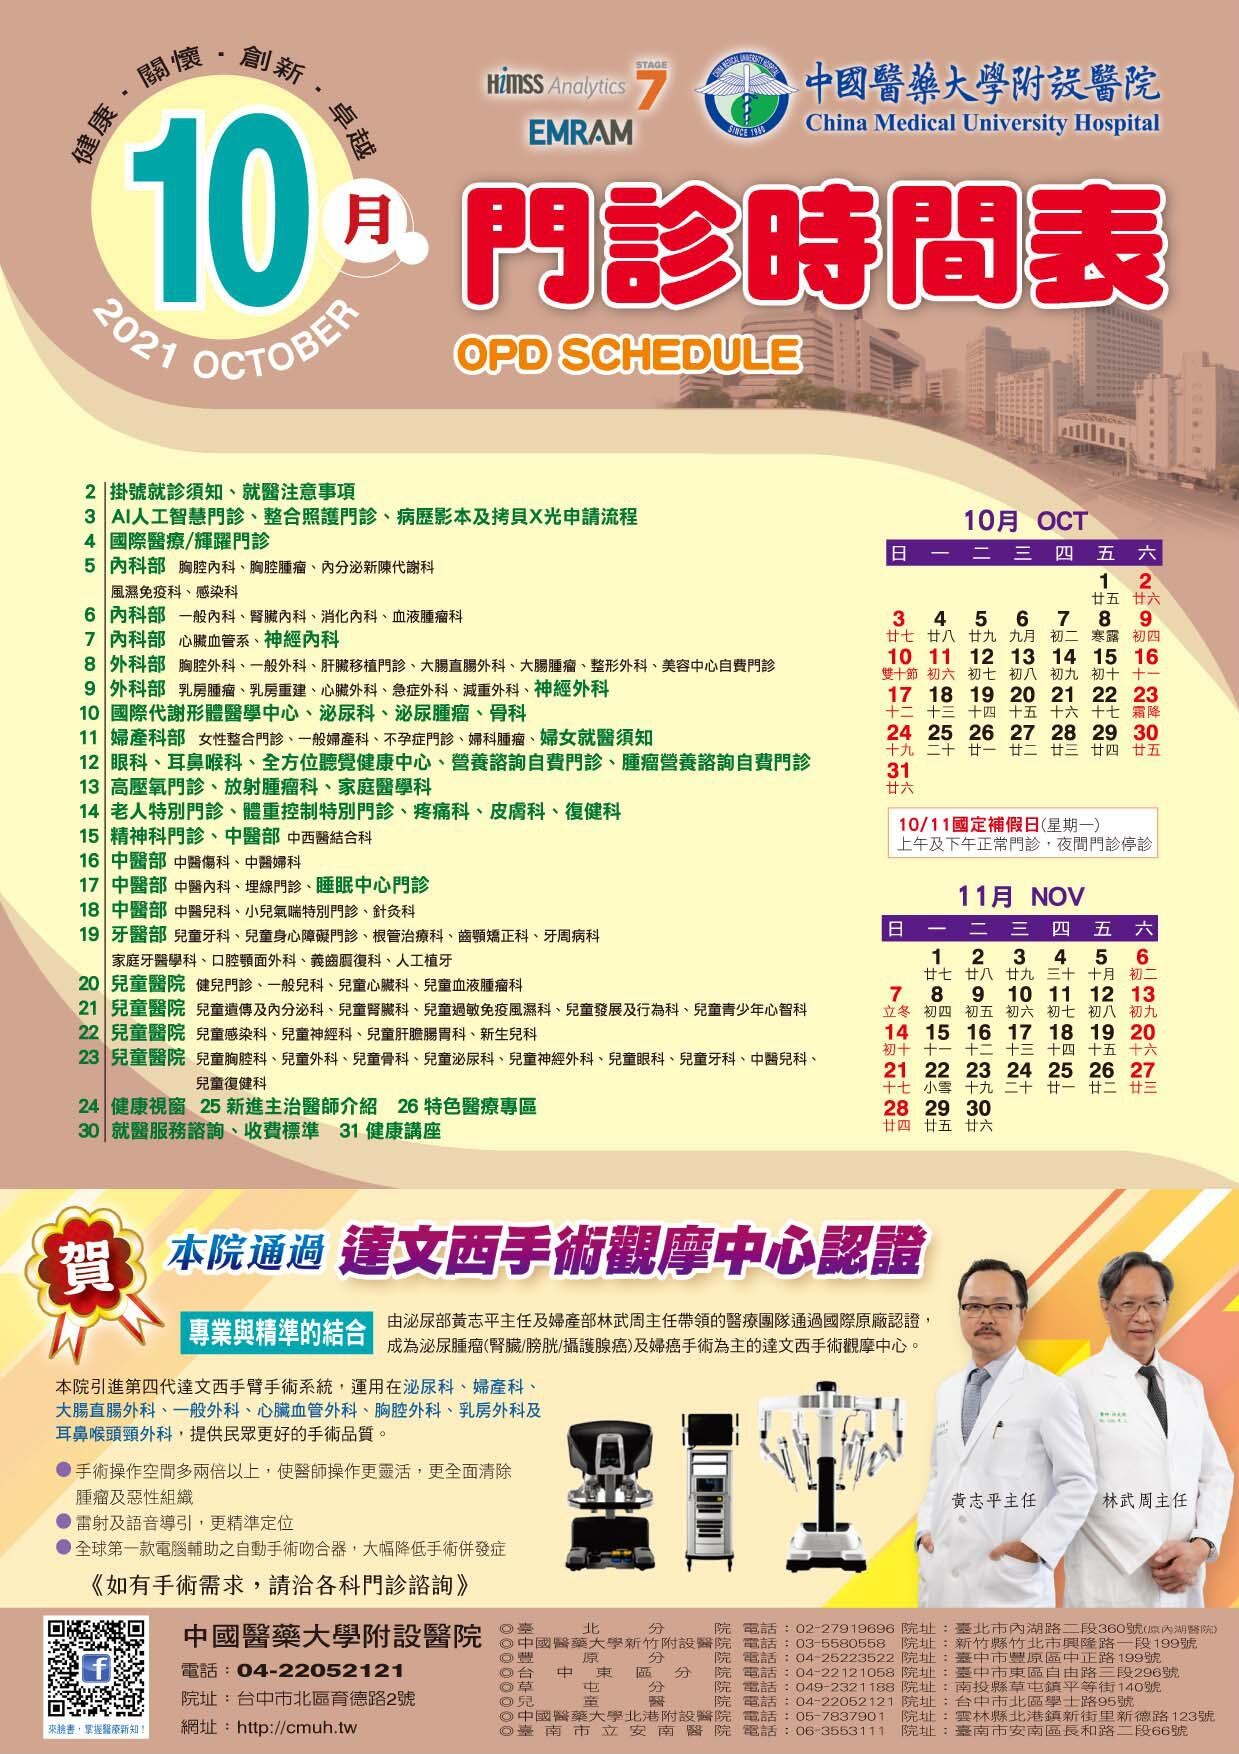 中國附醫110年10月門診時間表